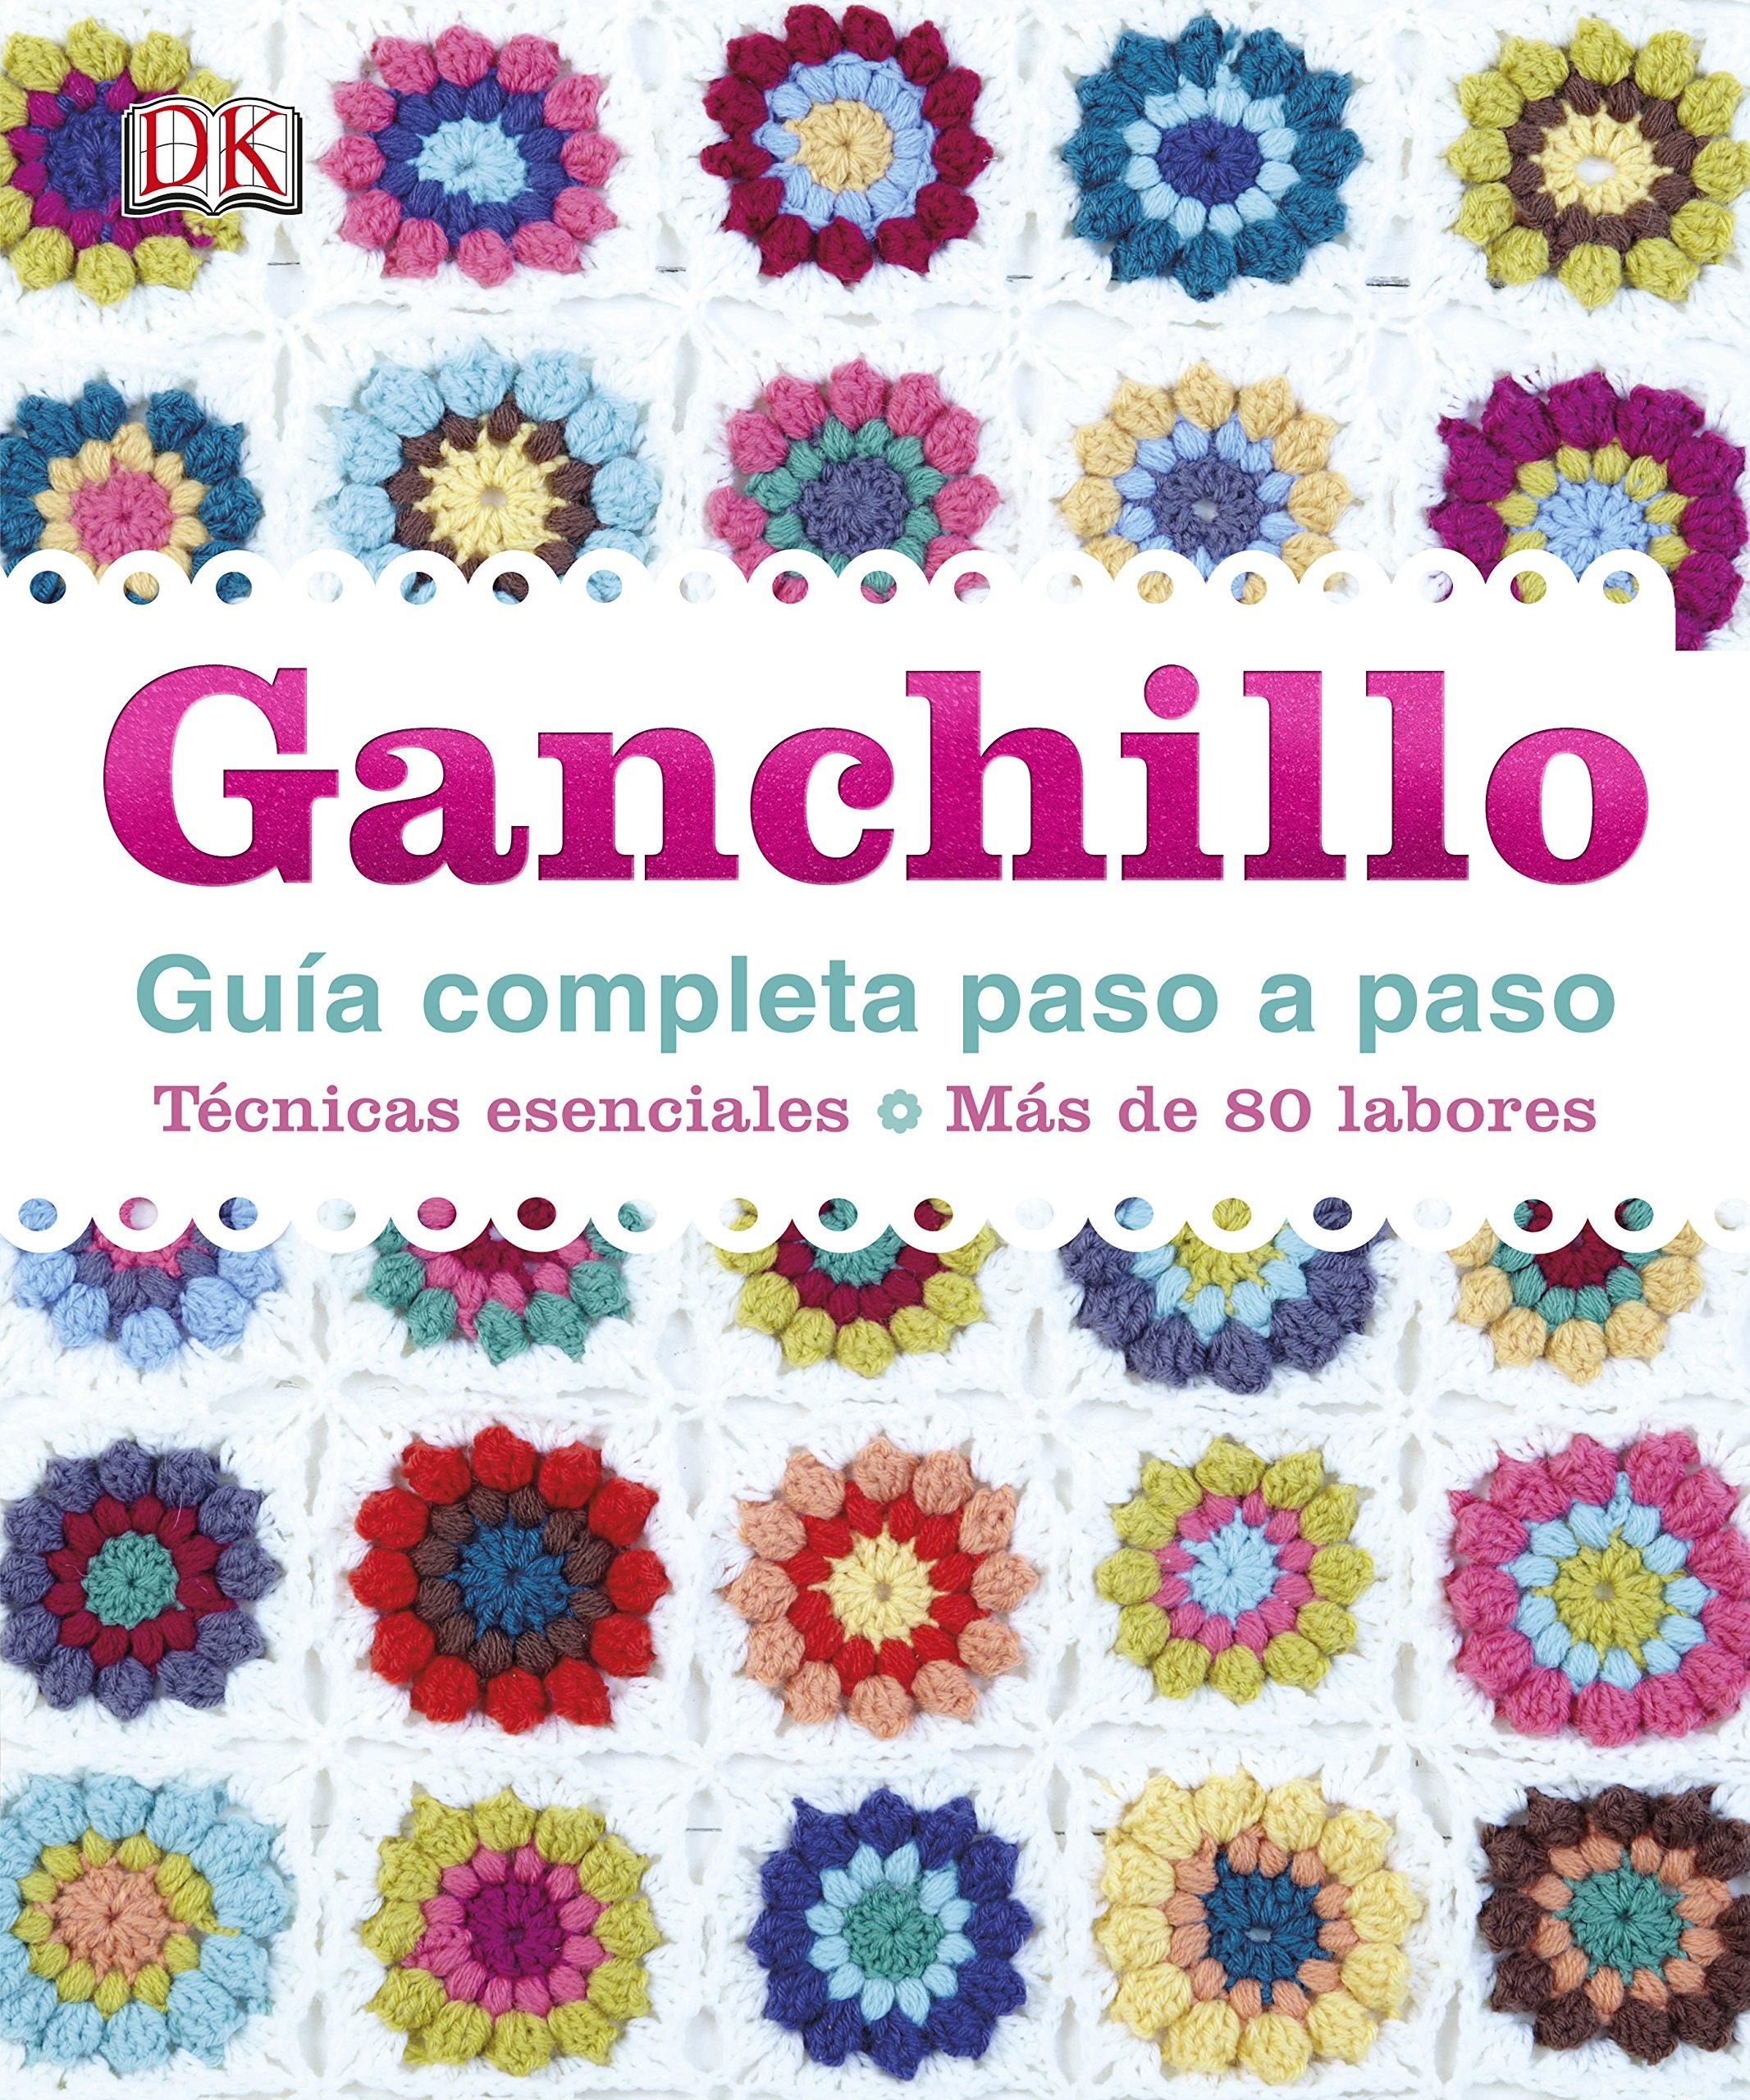 Ganchillo, Guía Completa Paso A Paso (ESTILO DE VIDA): Amazon.es ...